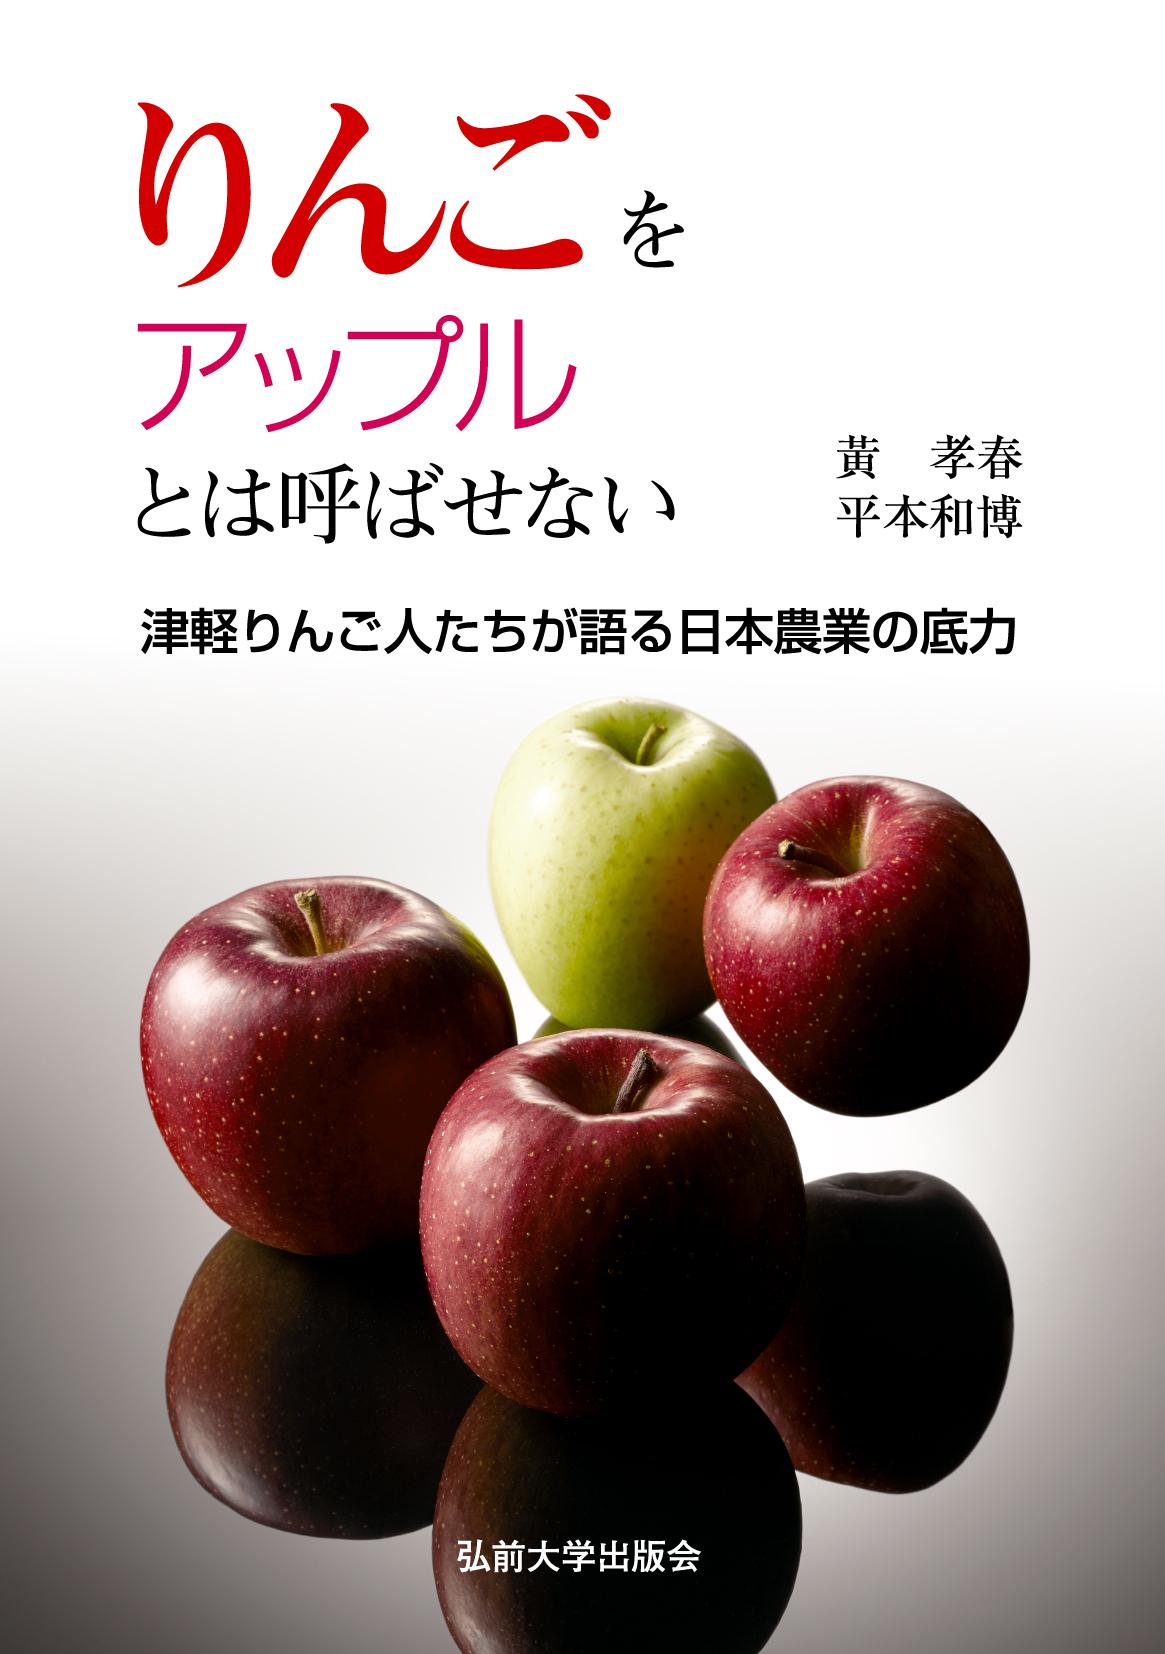 「りんごをアップルとは呼ばせない ―津軽りんご人たちが語る日本農業の底力―」